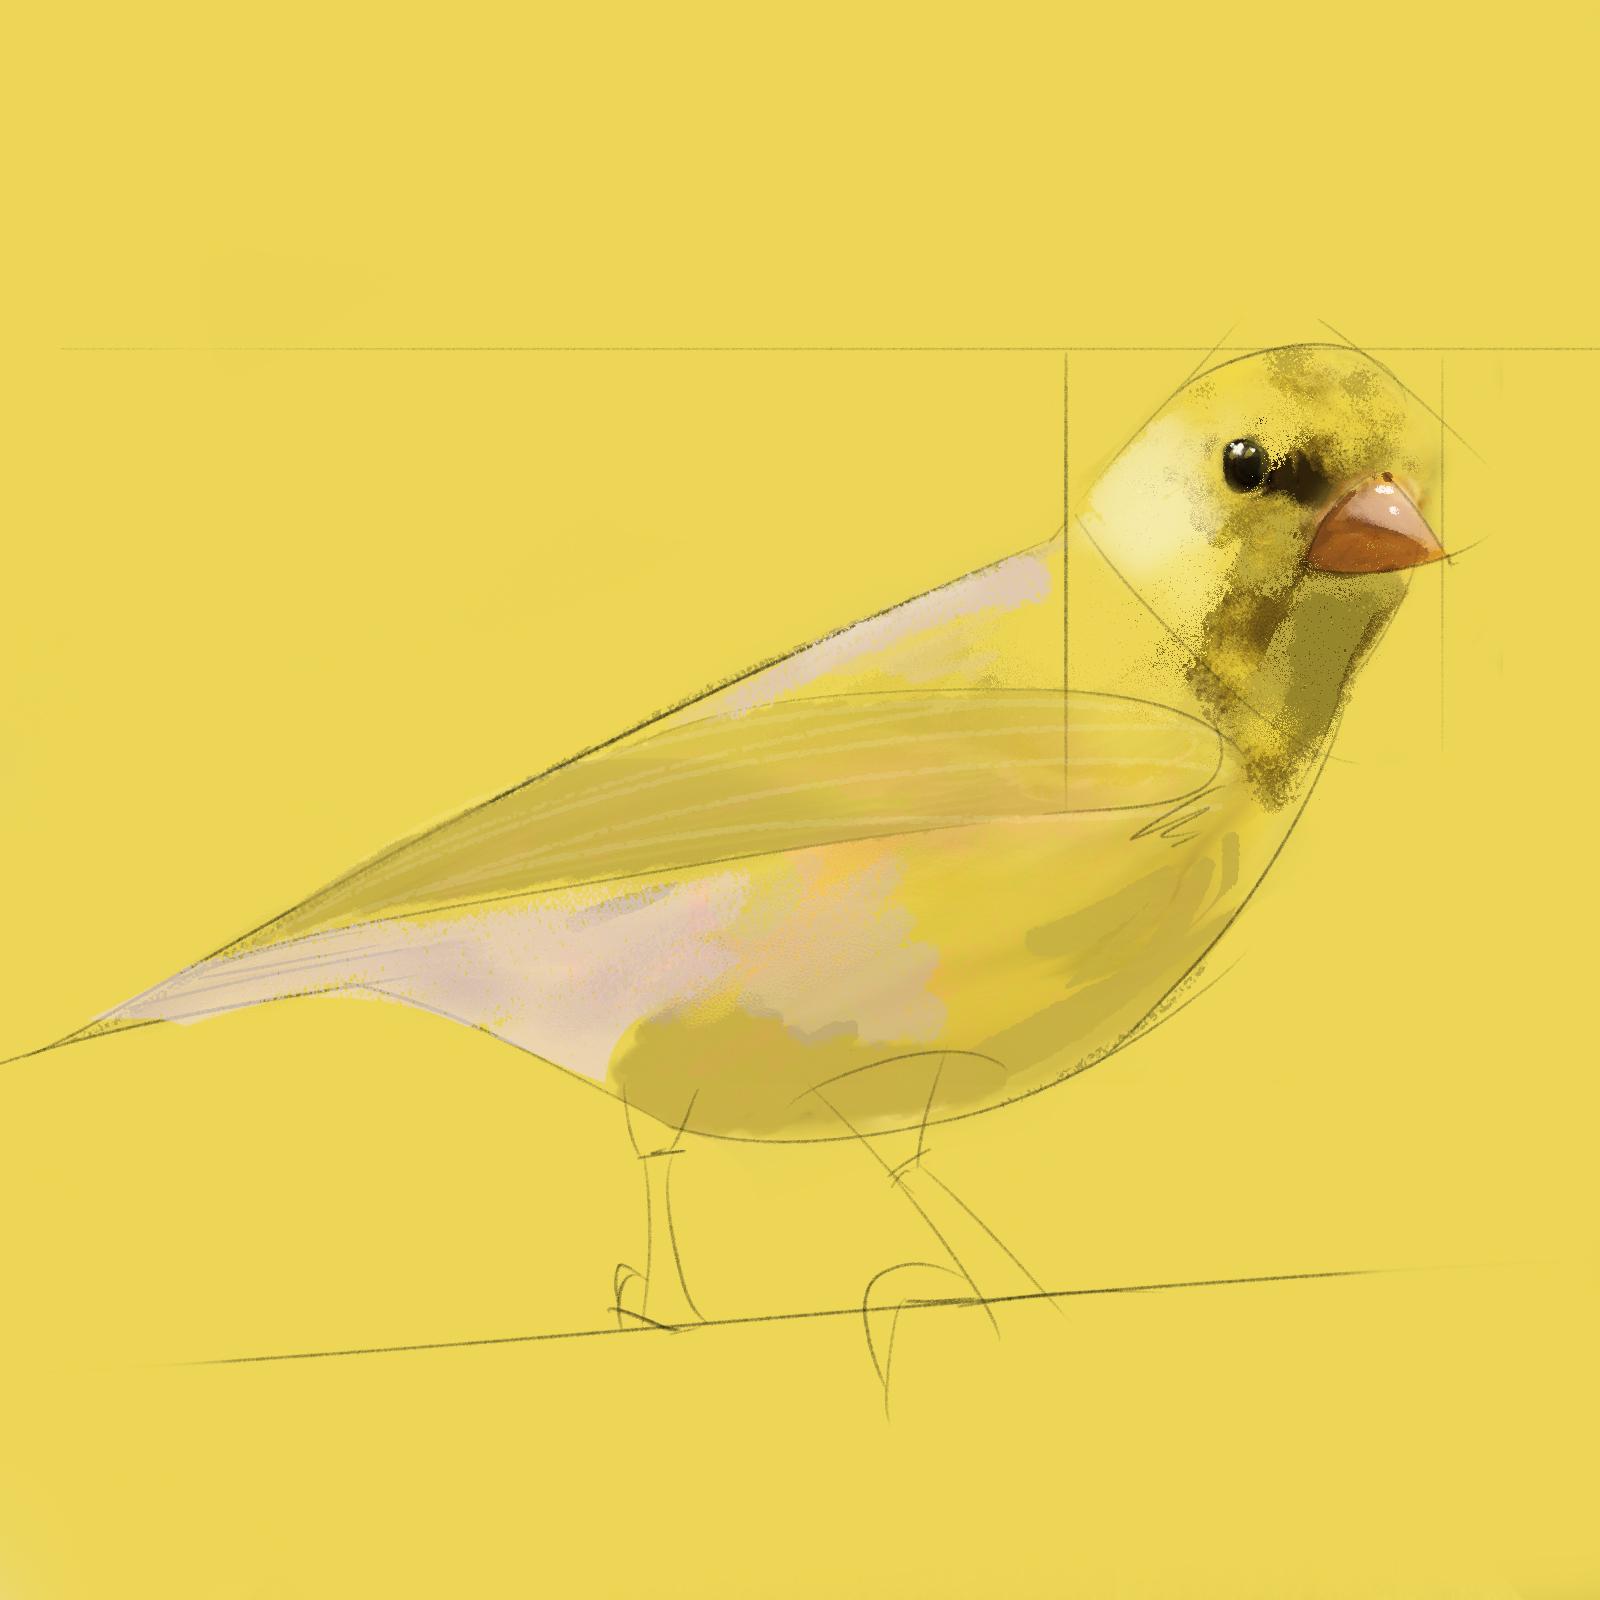 YELLOW_BIRD_6